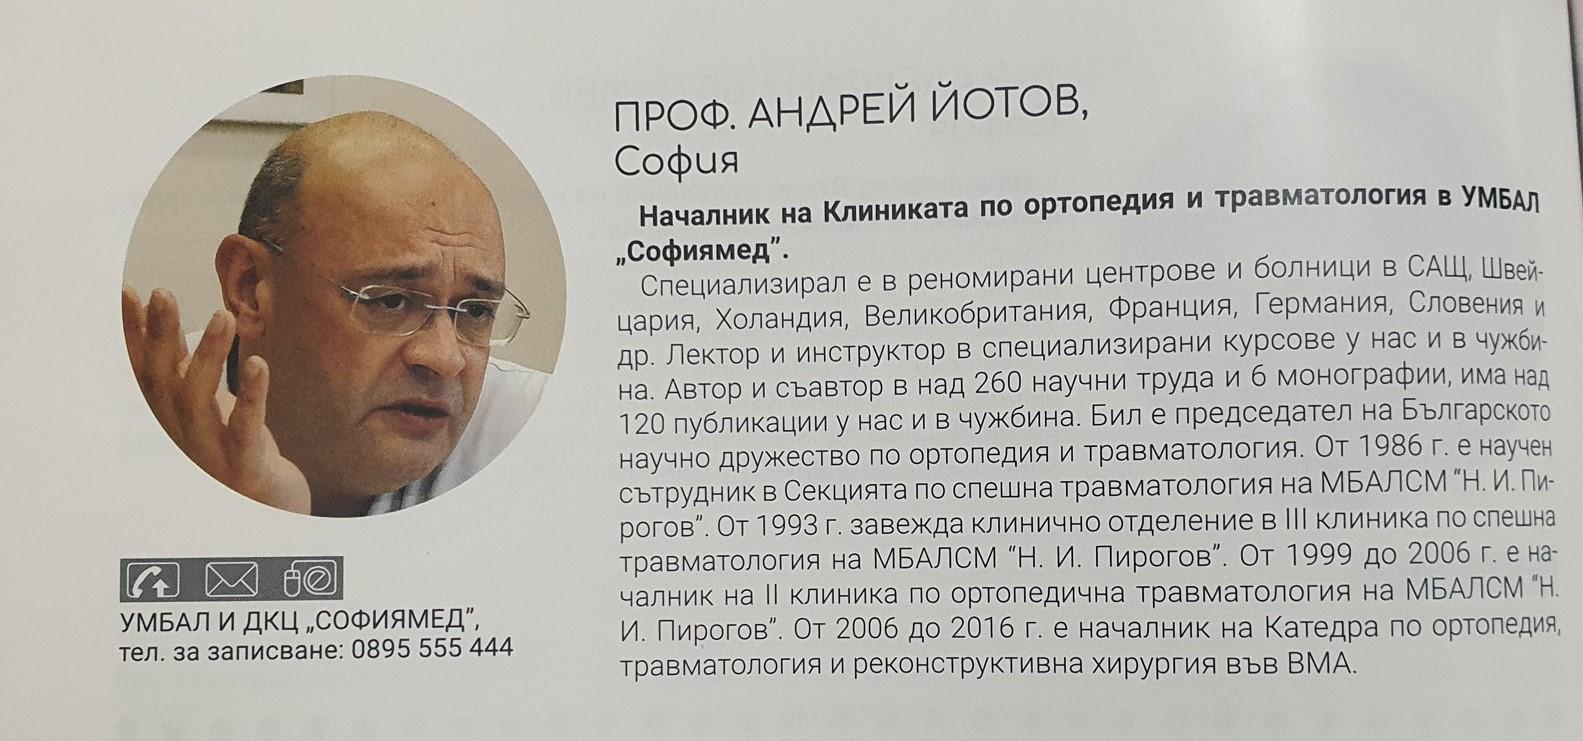 20 лекари от УМБАЛ Софиямед отличени в класацията